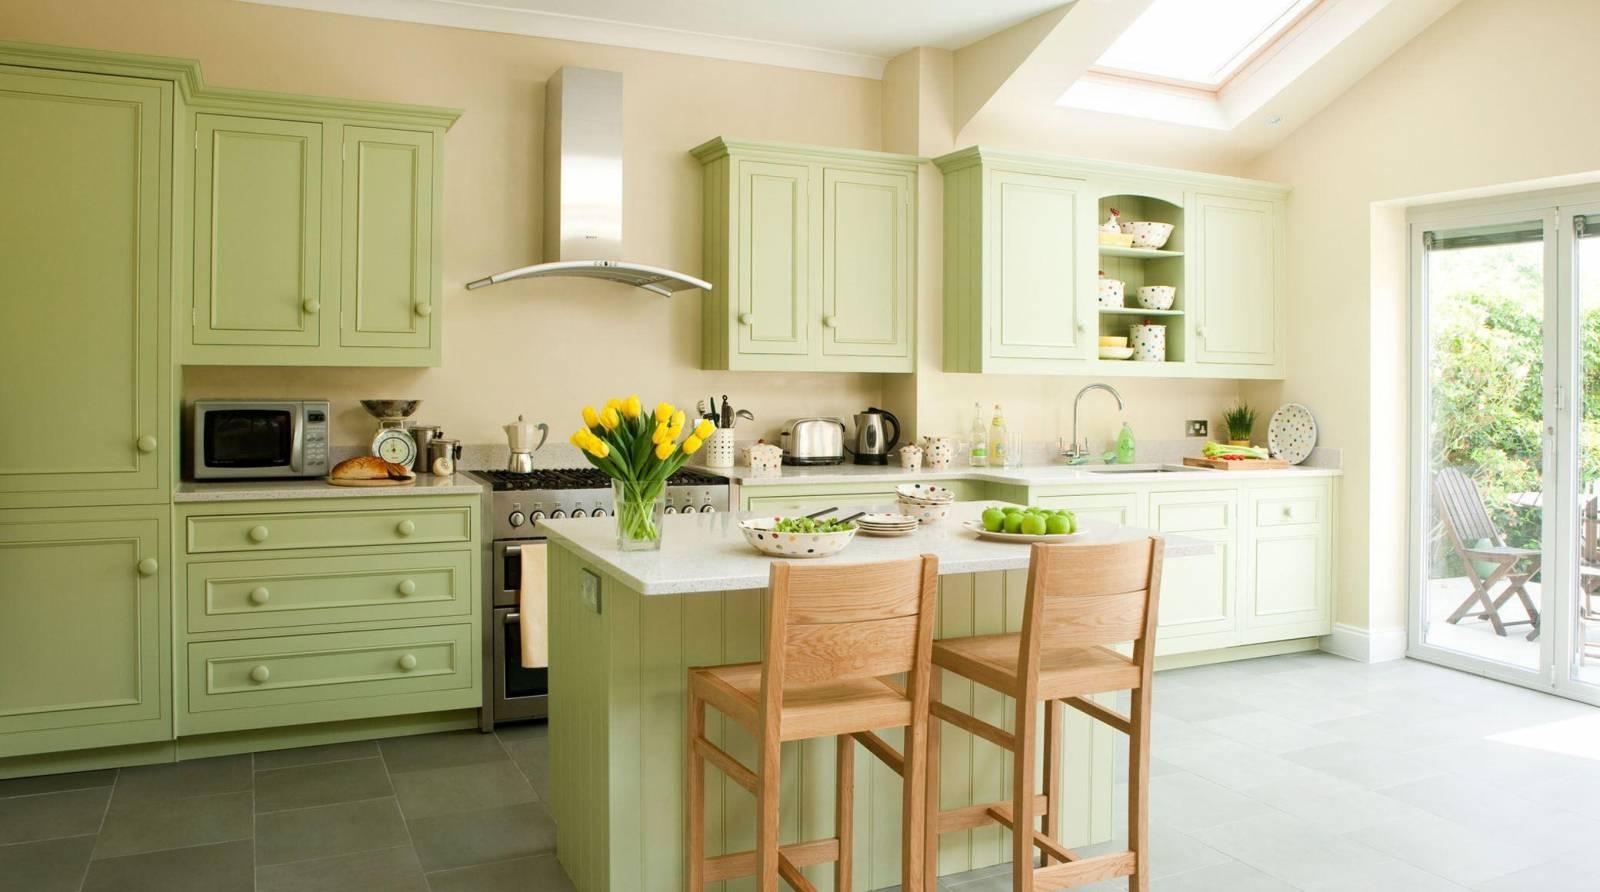 Как сочетать цвета в кухонном интерьере – самые удачные комбинации тонов